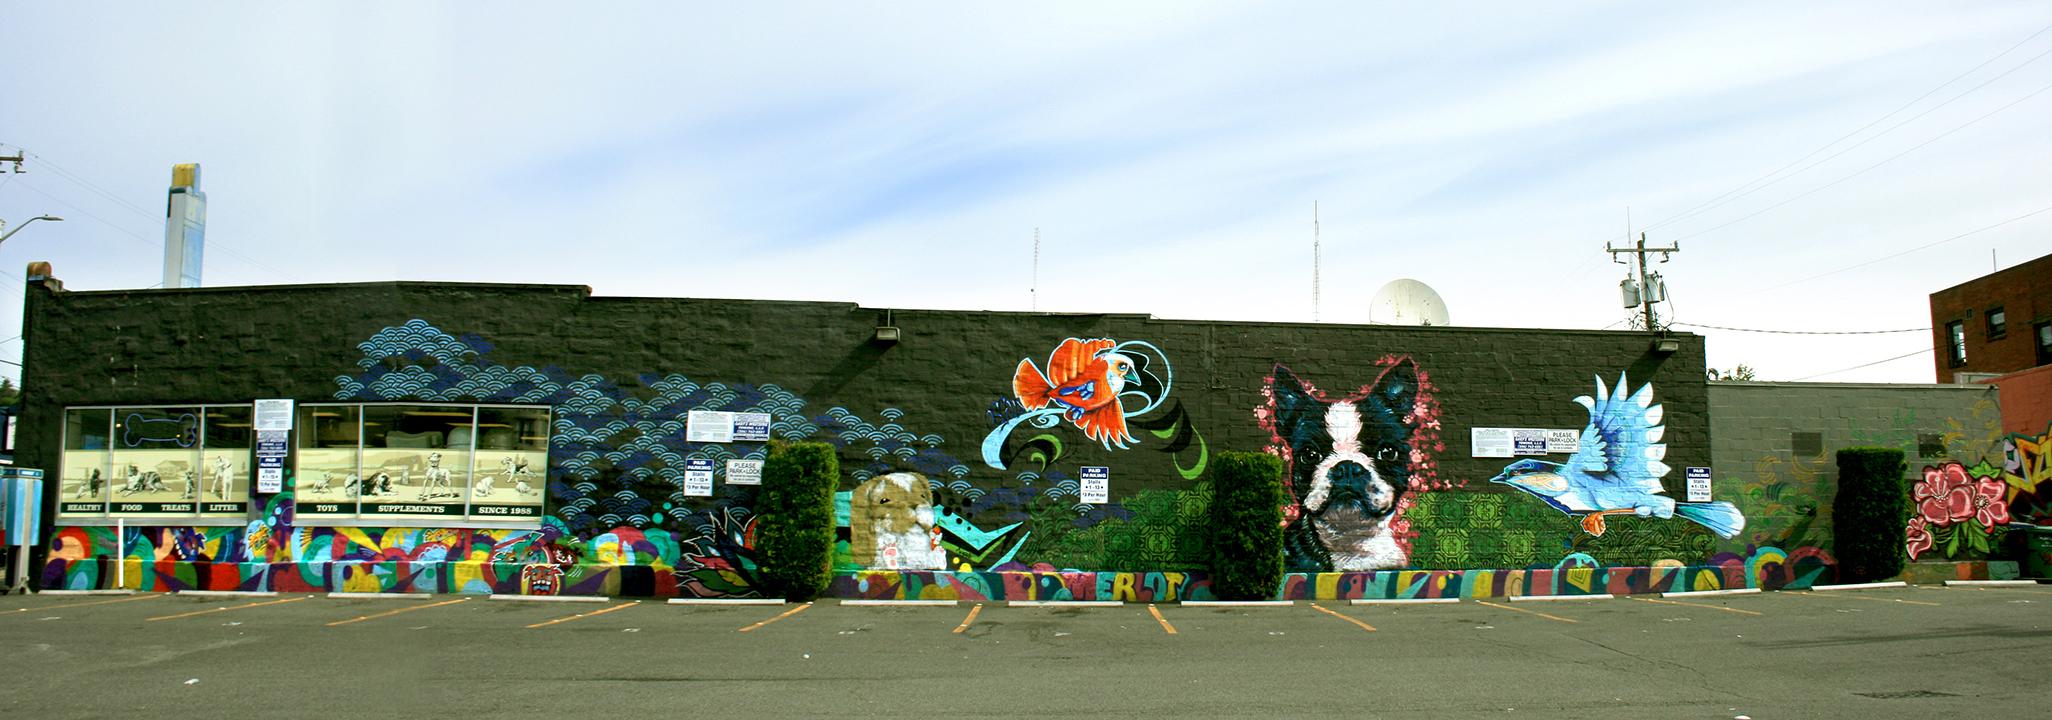 Mud Bay Uptown Mural